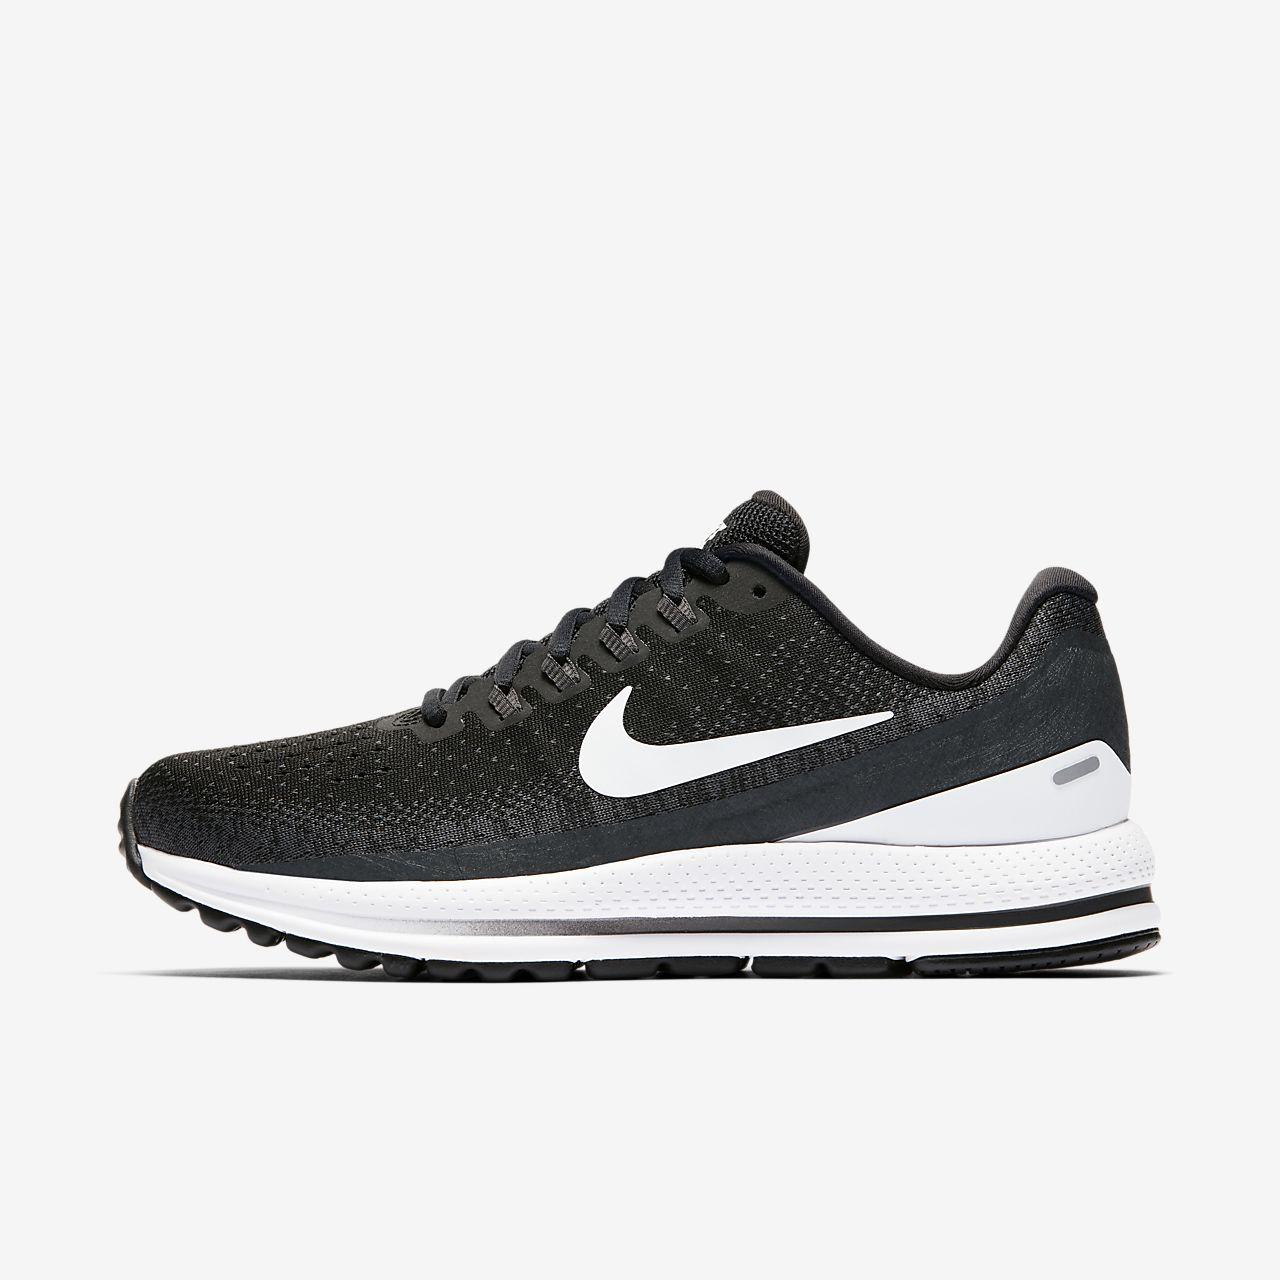 Nike Air Zoom Vomero 13 Damen Laufschuhe Größe 42,5